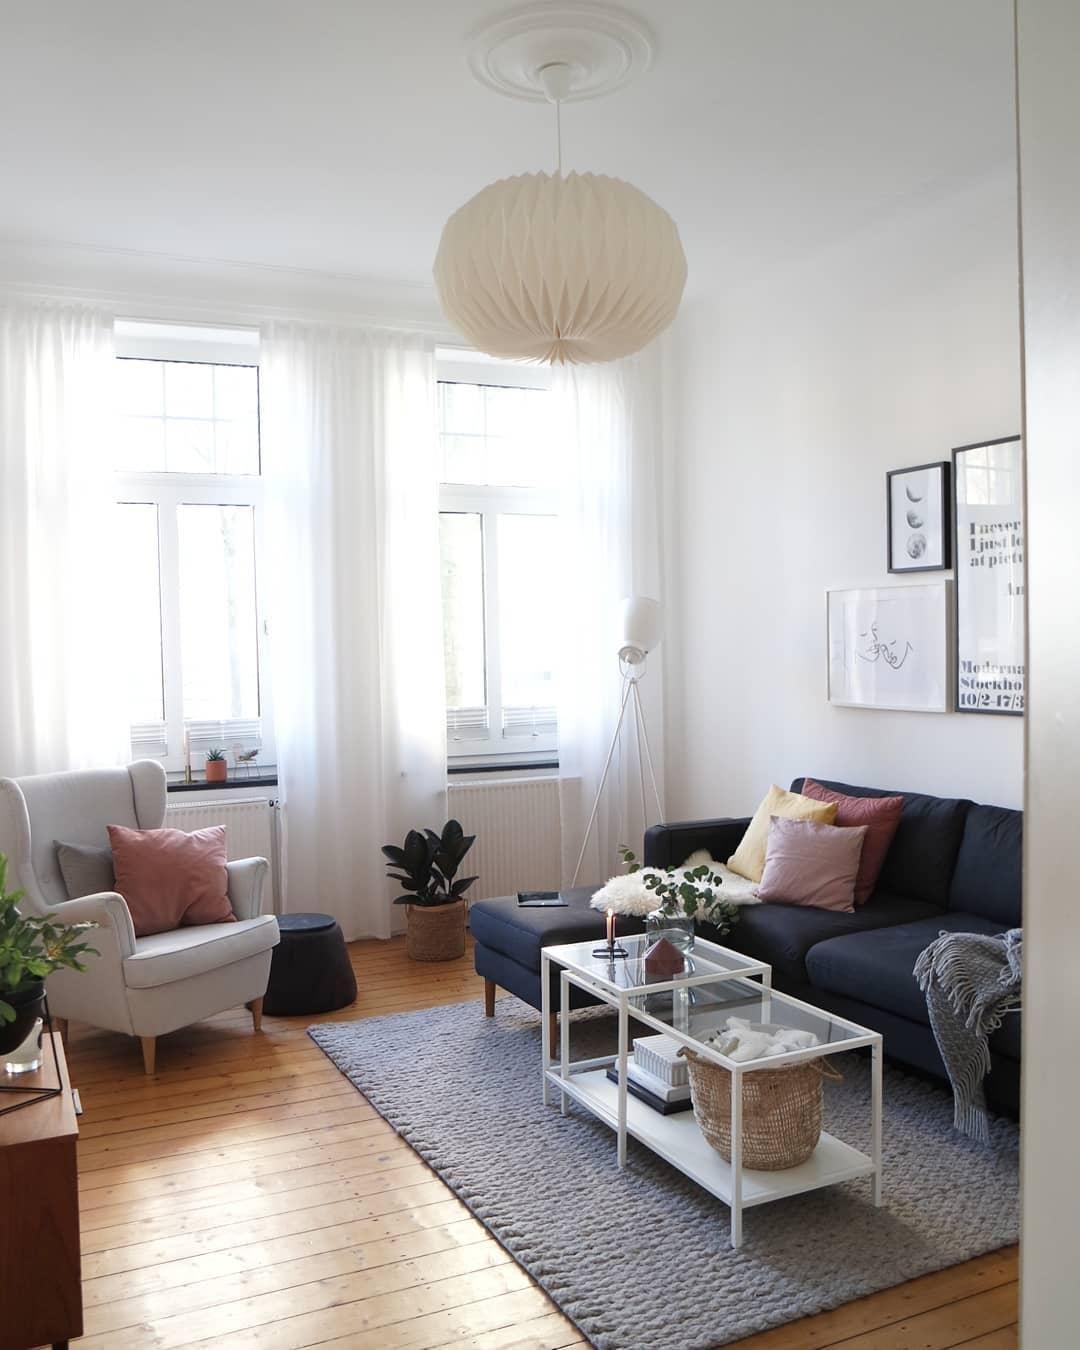 Wohnzimmer Design Holz: Eine Kleine Gallery Wall Und Eine Tolle Deckenleuchte